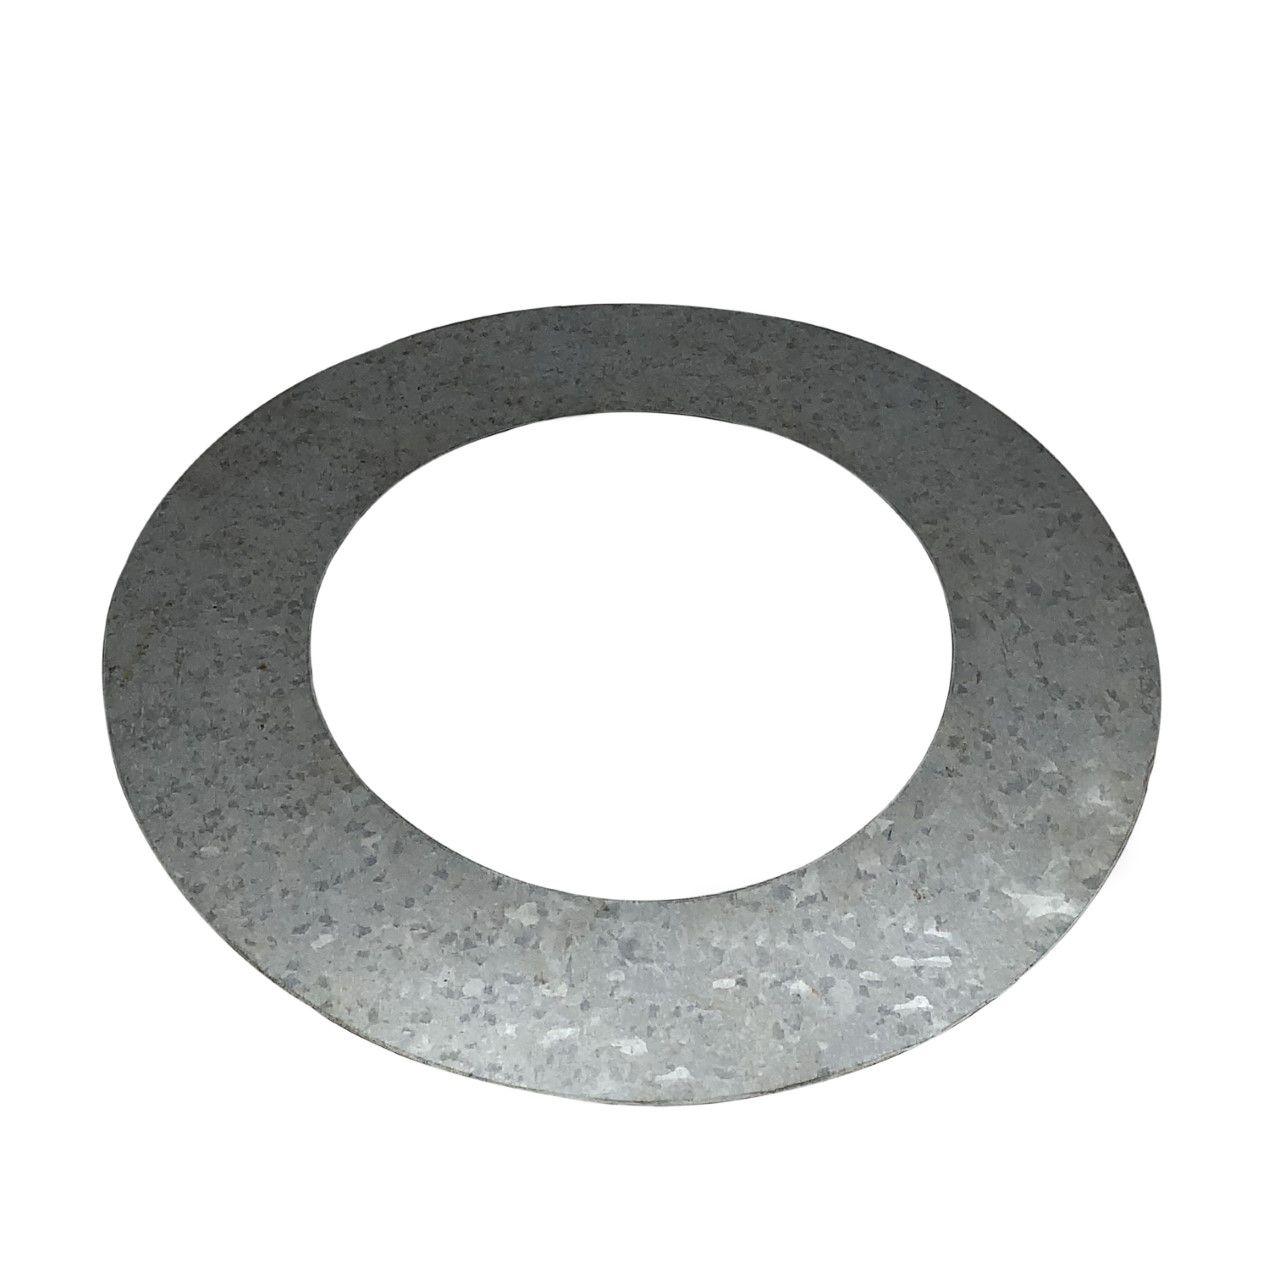 Anel de acabamento galvanizado para laje ou parede para dutos de 255 mm de diâmetro  - Galvocalhas